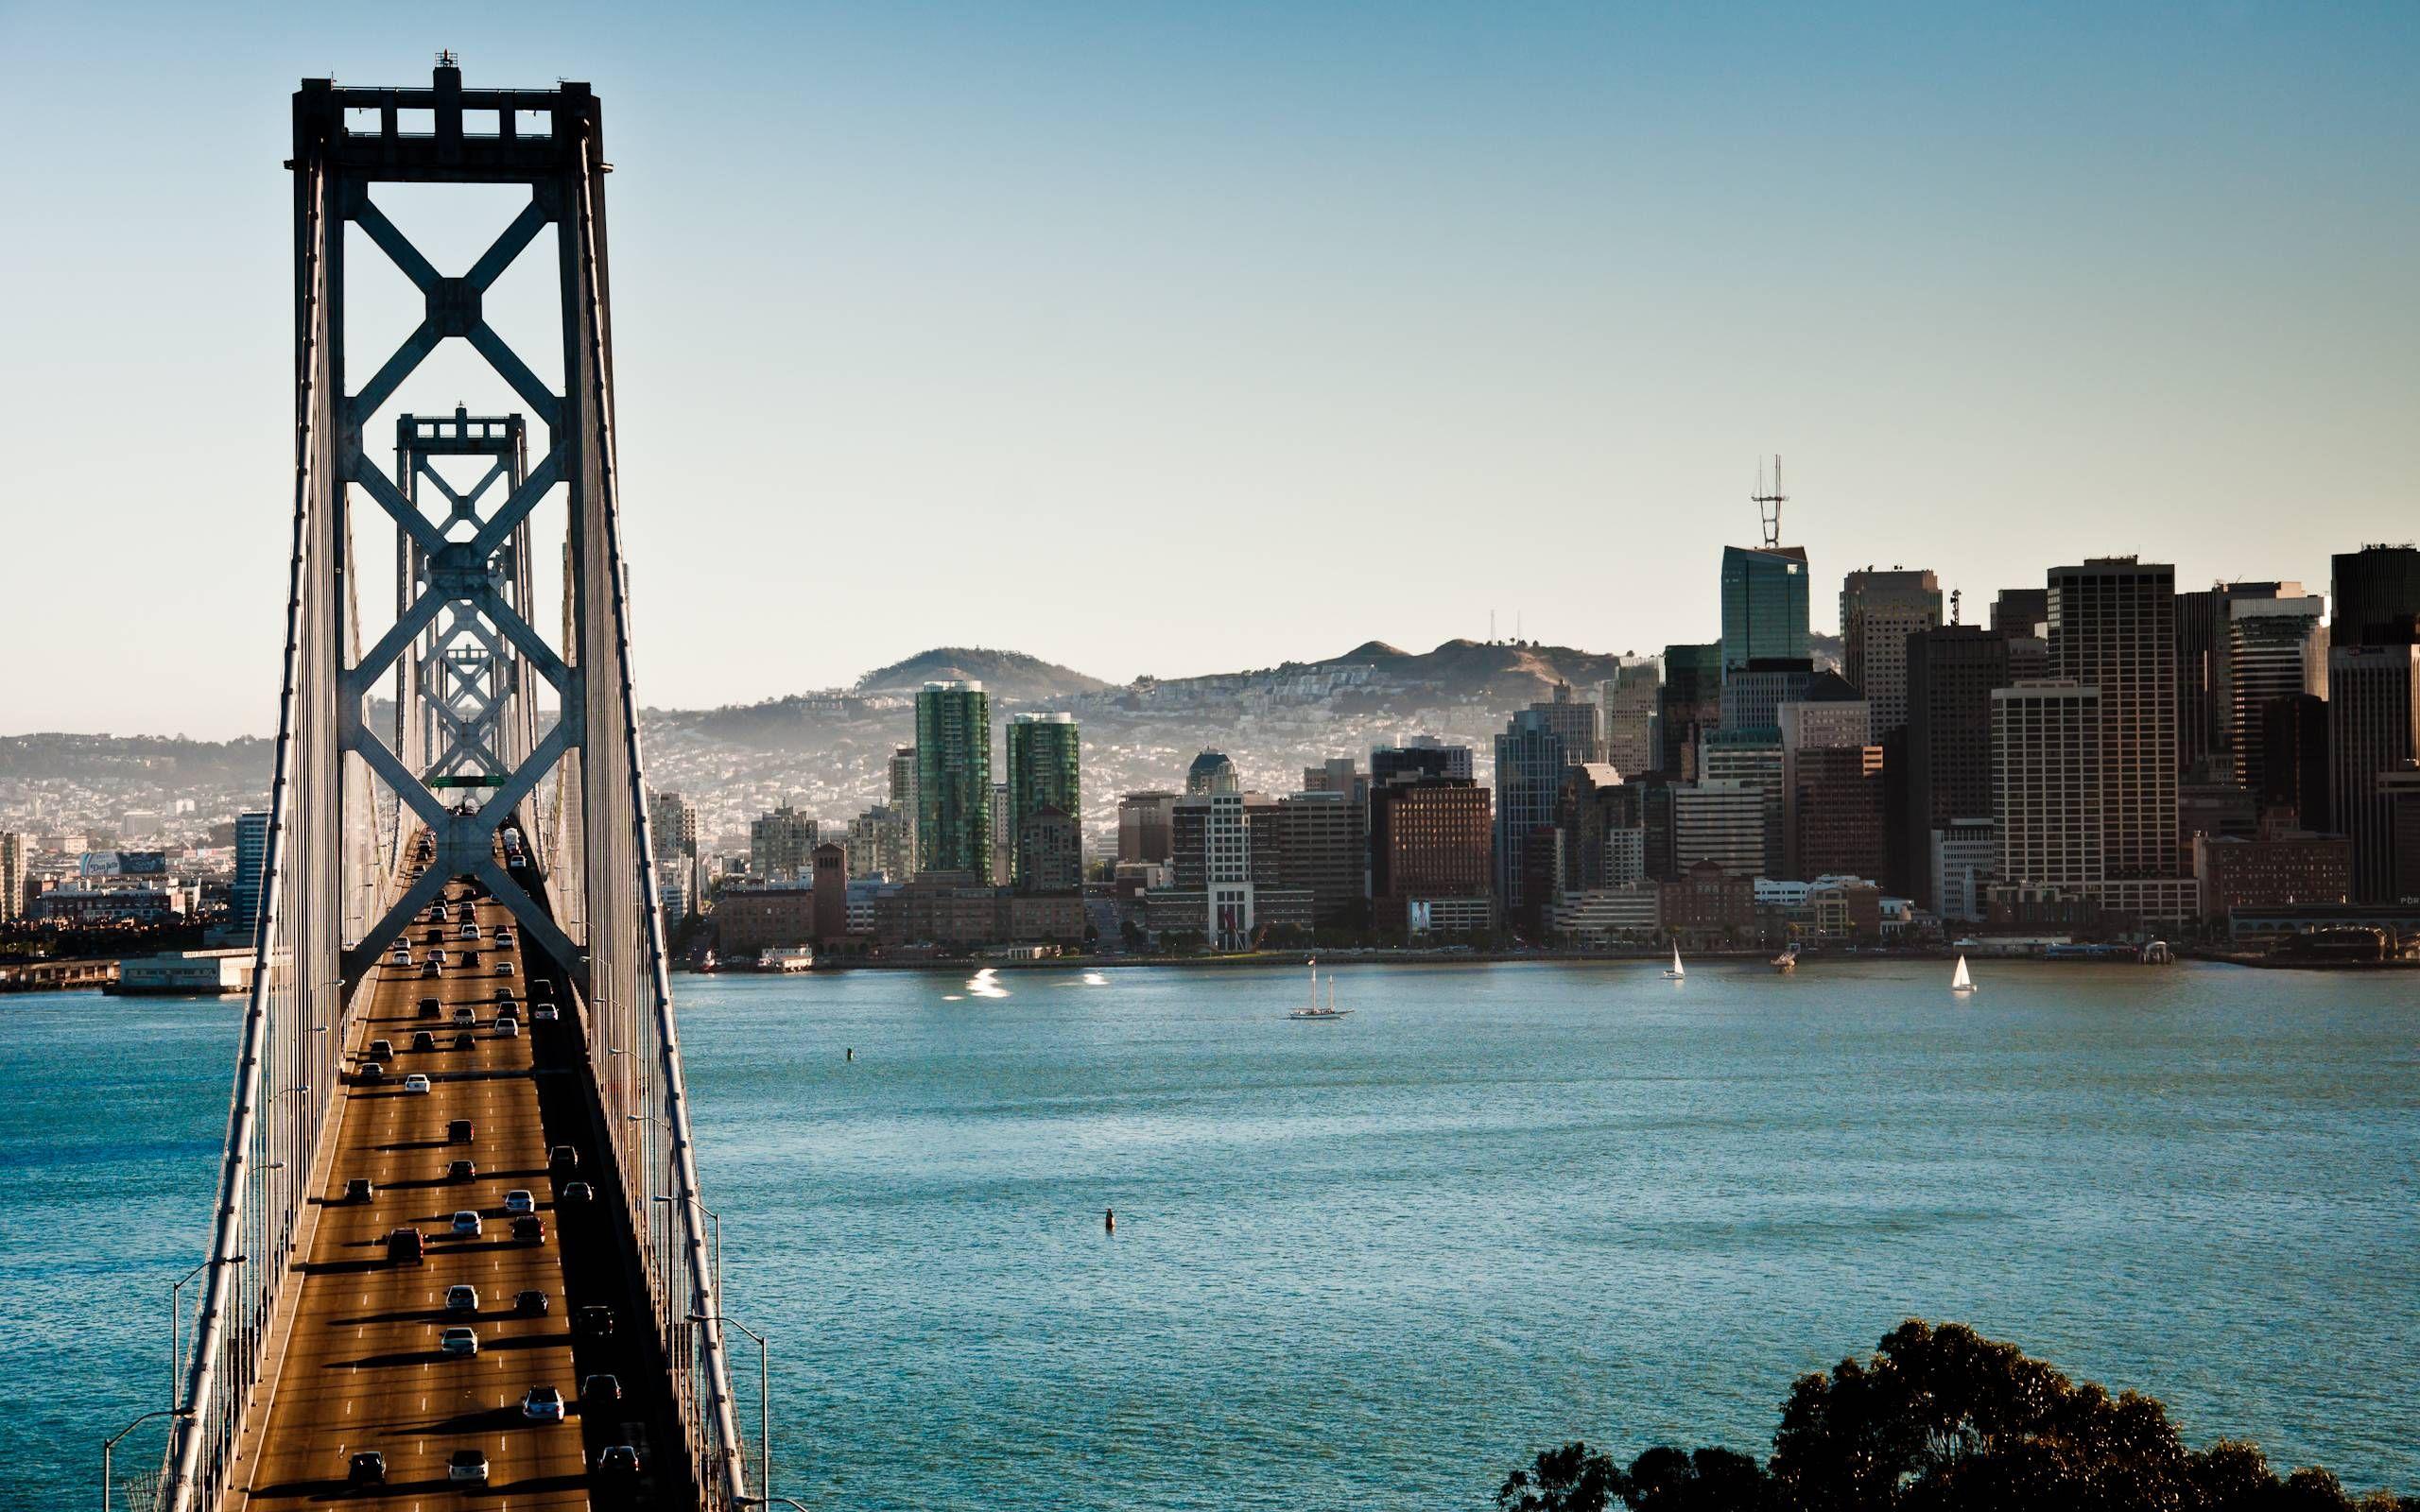 San Francisco Wallpapers Hd San Francisco Wallpaper Bay Bridge San Francisco Bay Bridge